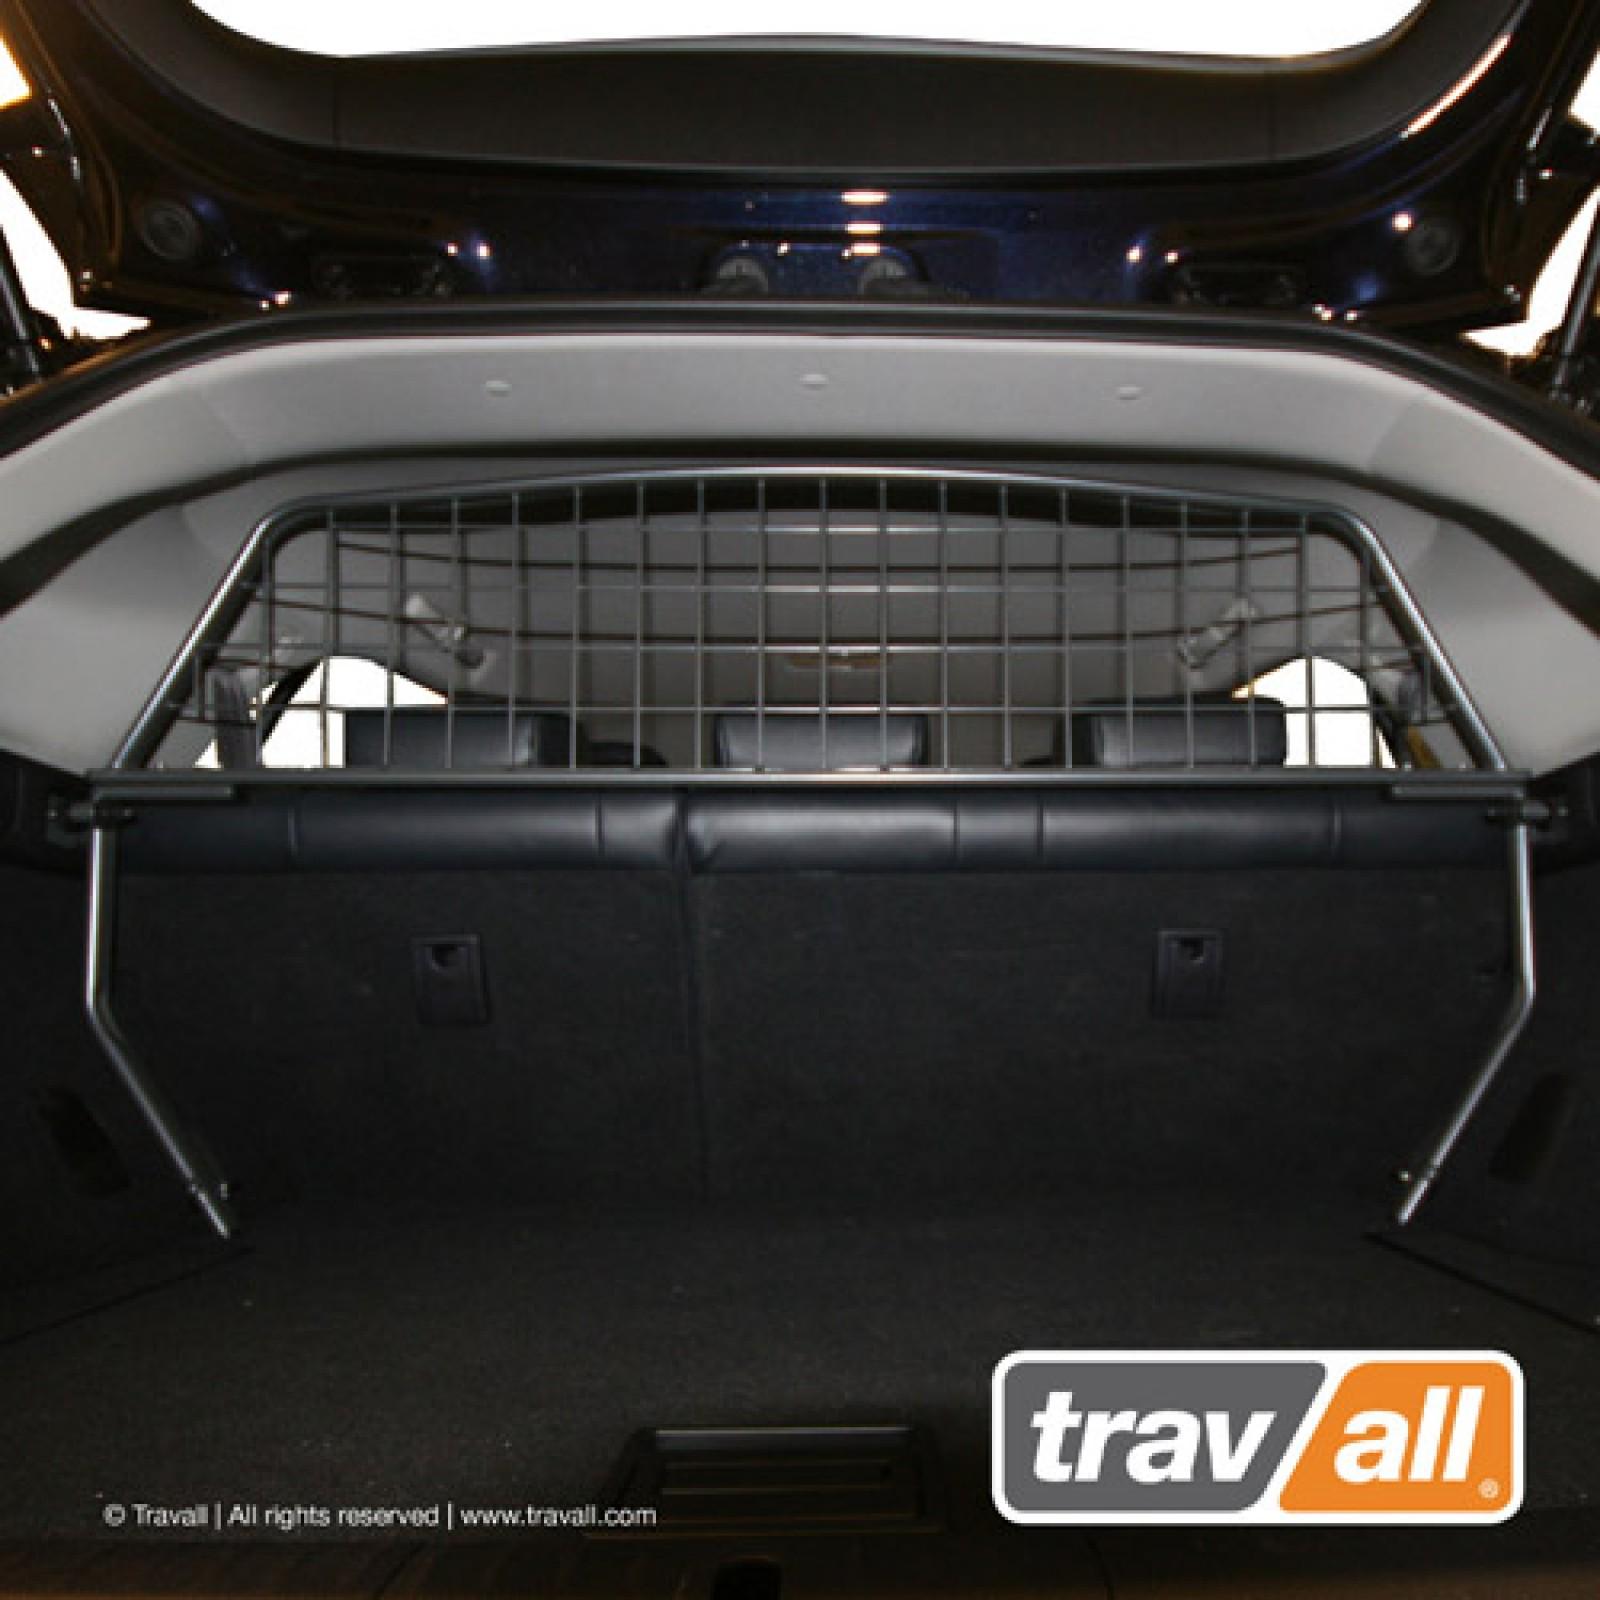 2011 Lexus Ct Camshaft: Elválasztóháló